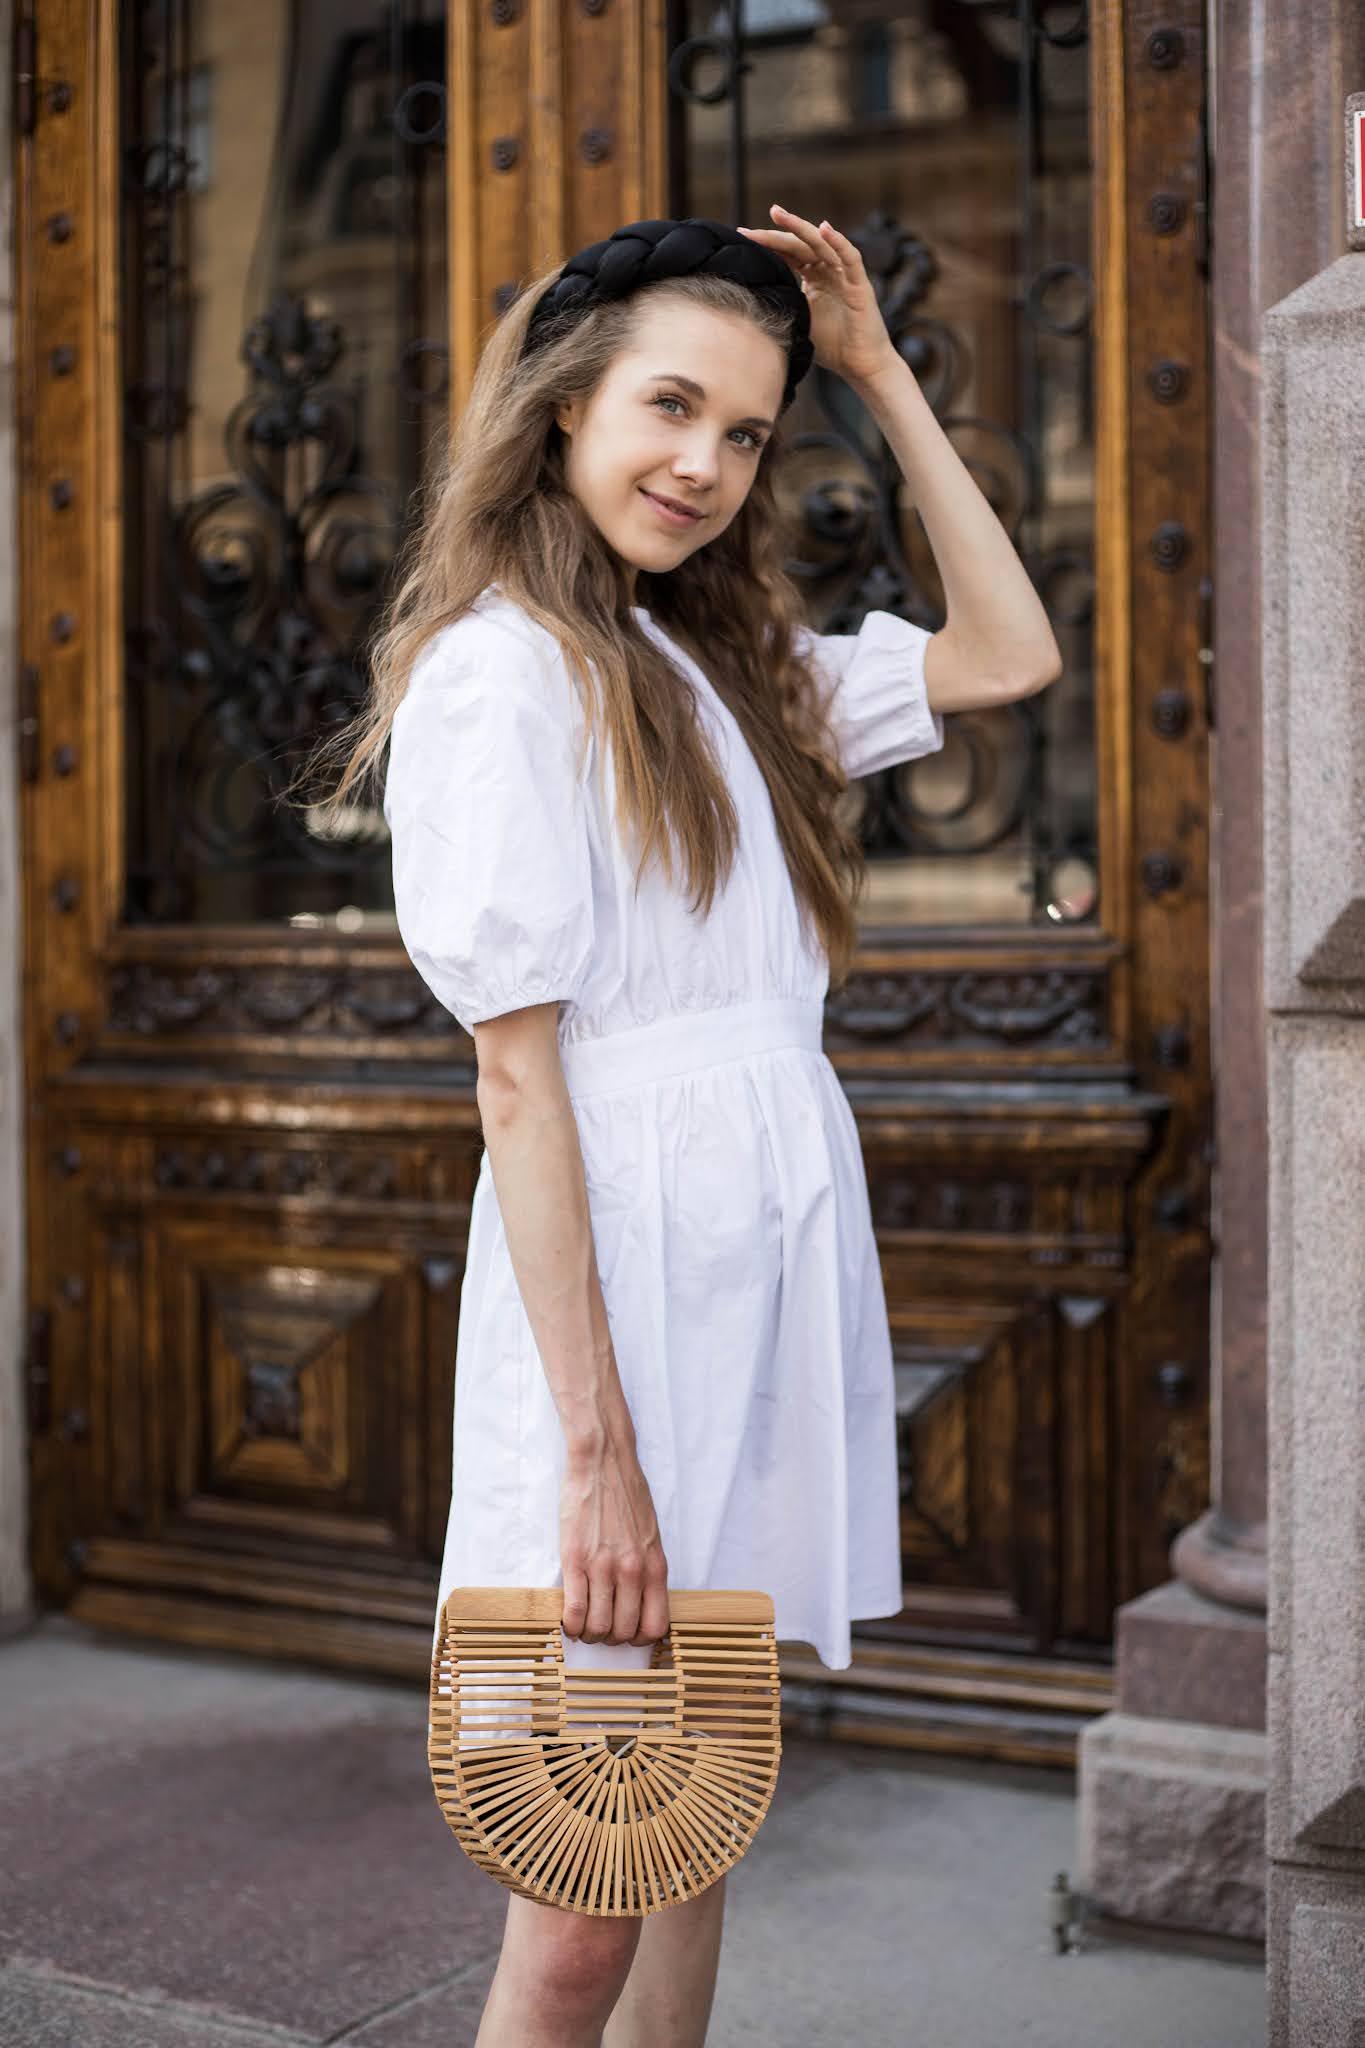 Inspiraatiota kesäpukeutumiseen: valkoinen mekko ja lettipanta // Summer outfit inspiration: white dress and braided headband